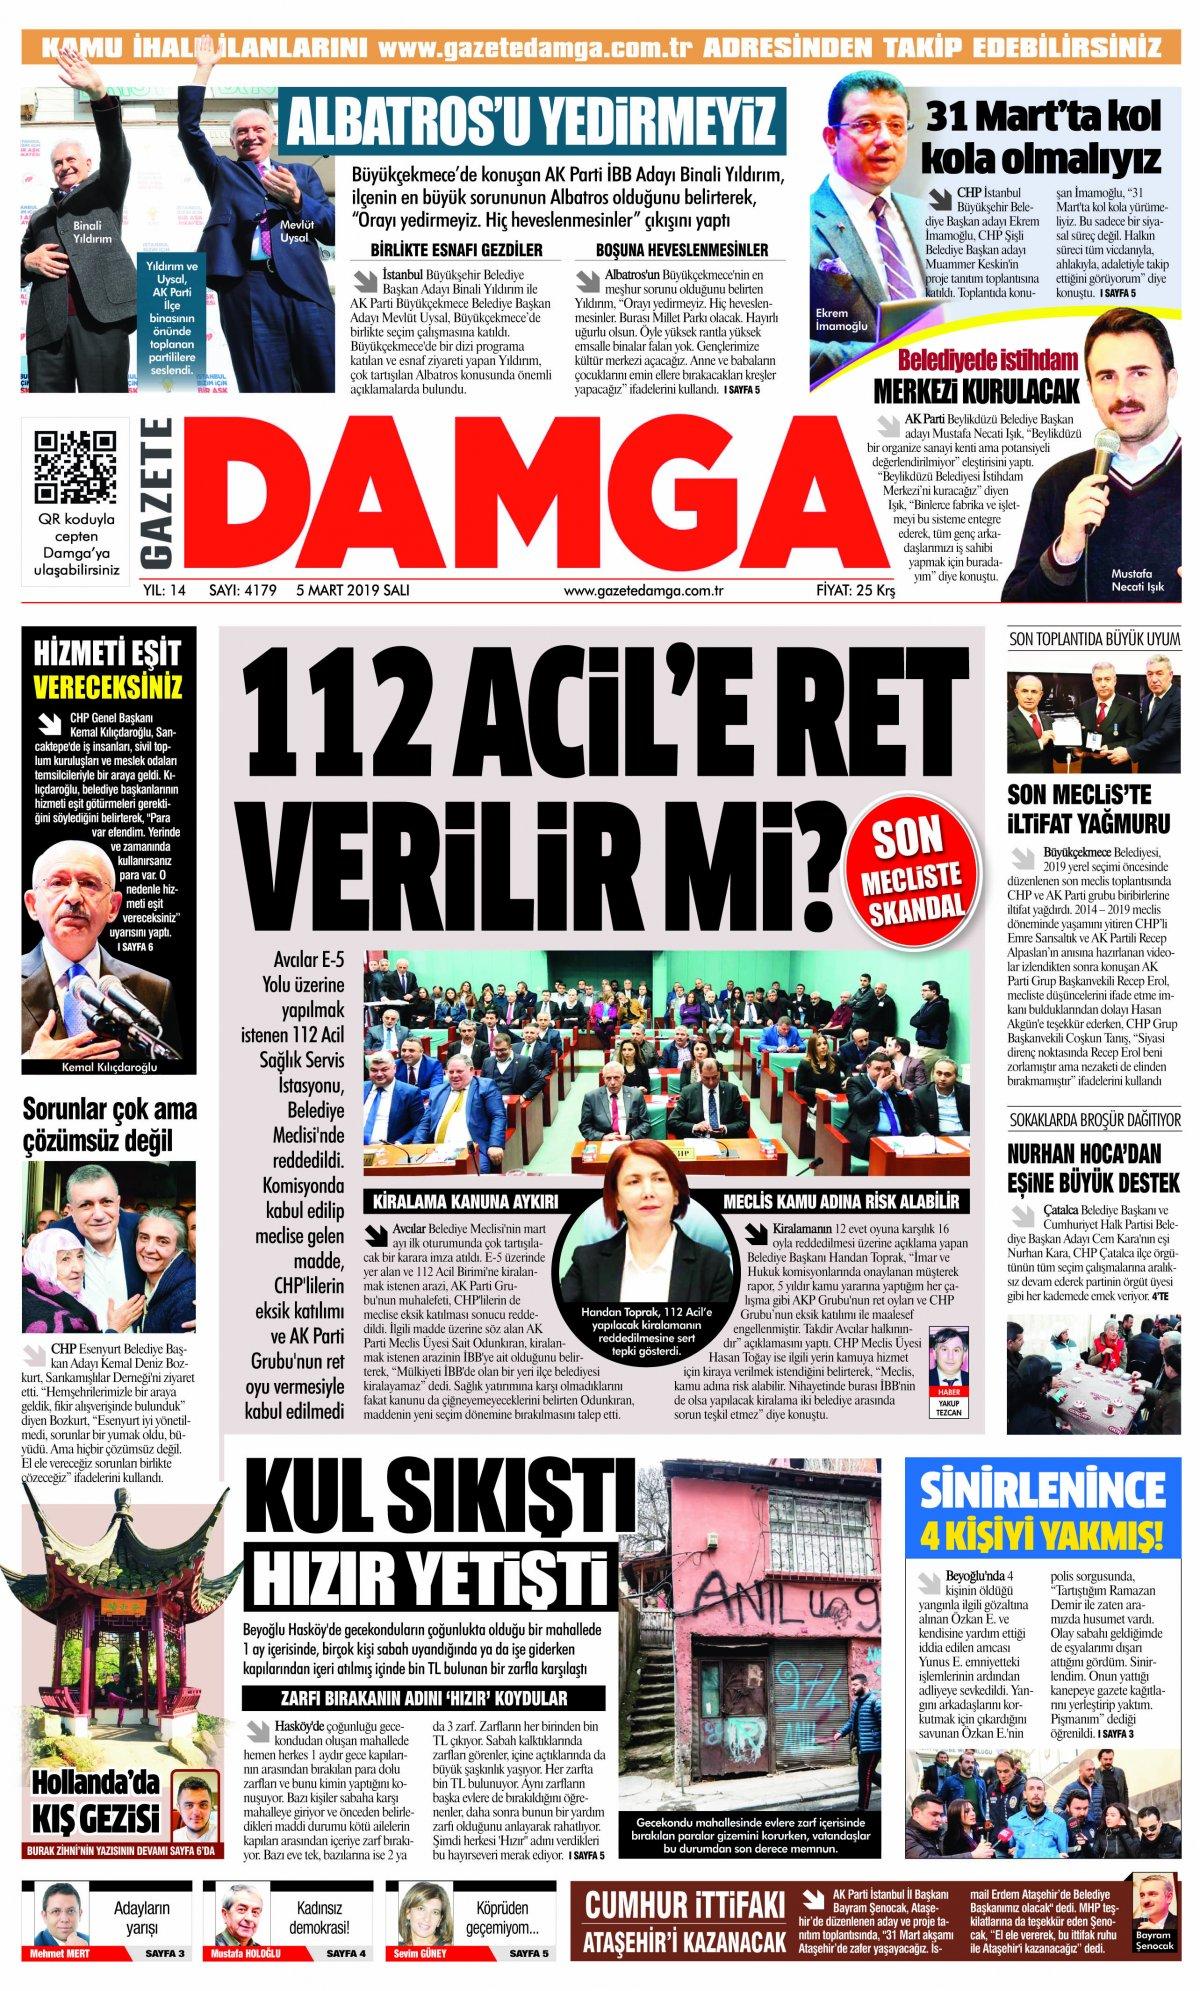 Gazete Damga - 05.03.2019 Sayfaları